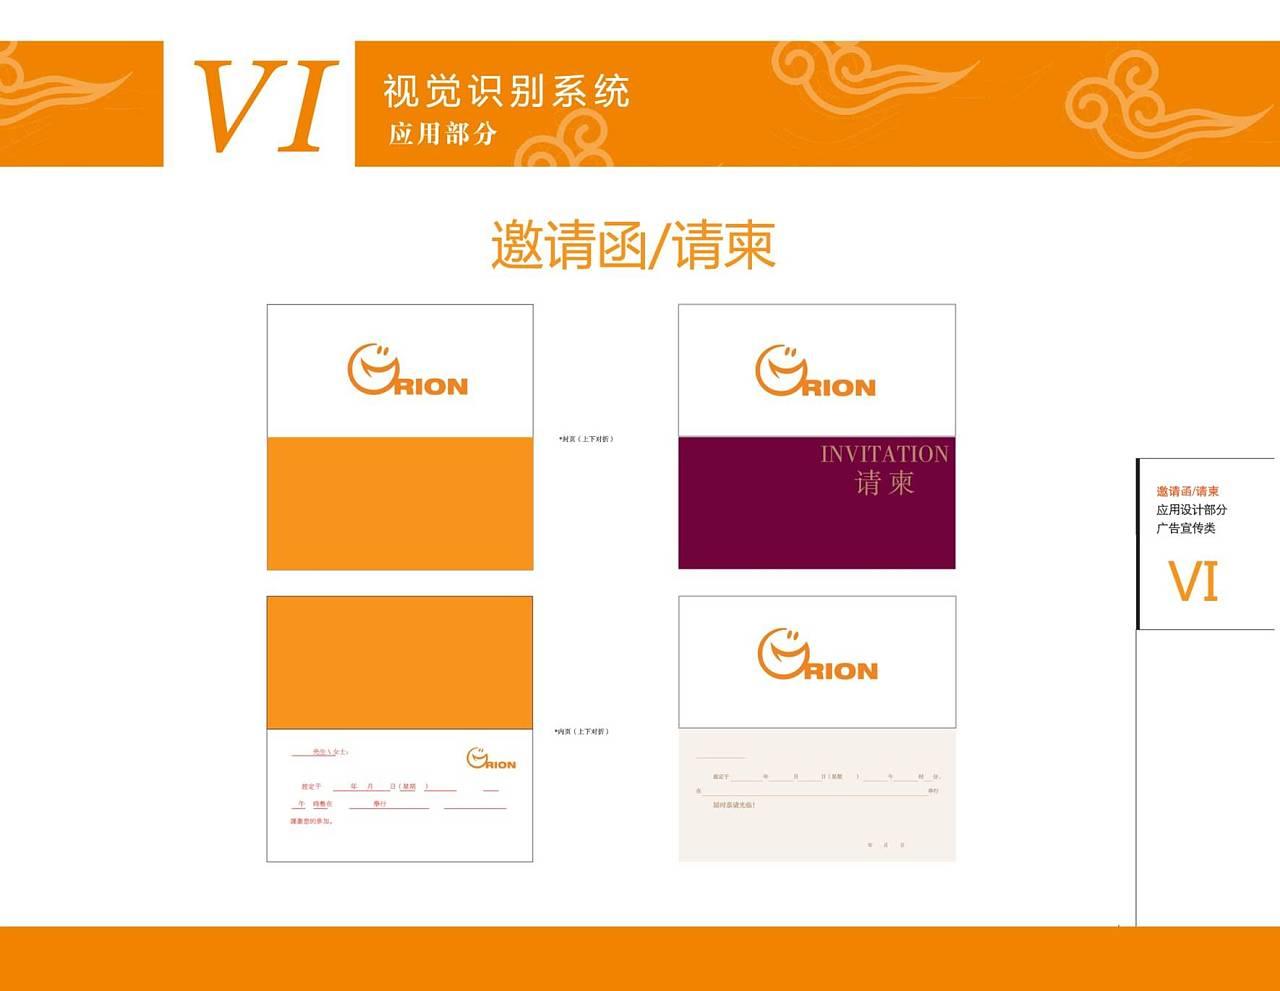 企业vi设计|平面|品牌|文林先生 - 原创作品 - 站酷图片